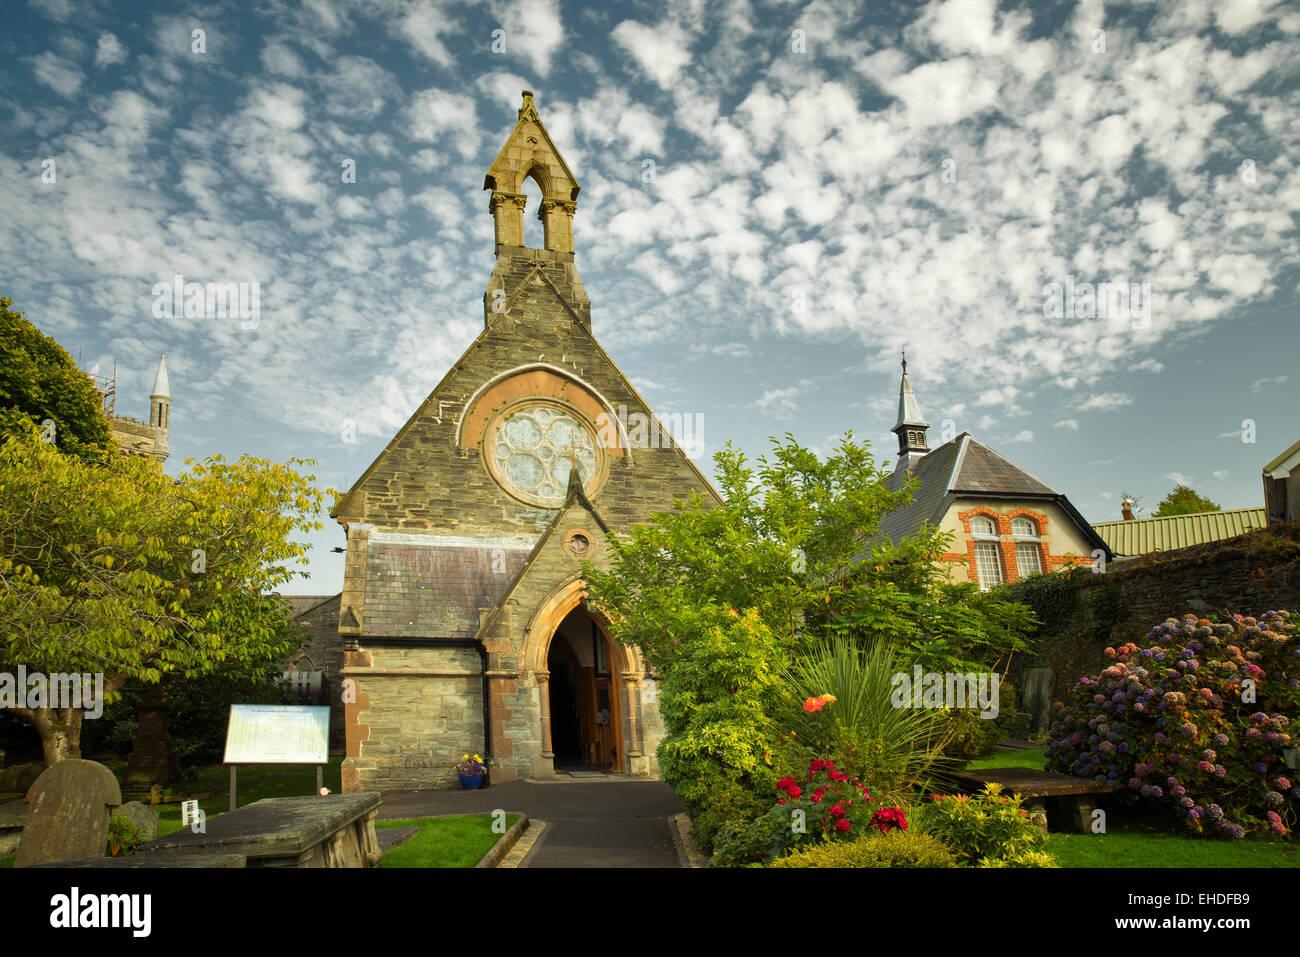 La Iglesia San Agustín. La Iglesia de Irlanda (Anglicana). Derry/Londonderry, Irlanda del Norte Imagen De Stock